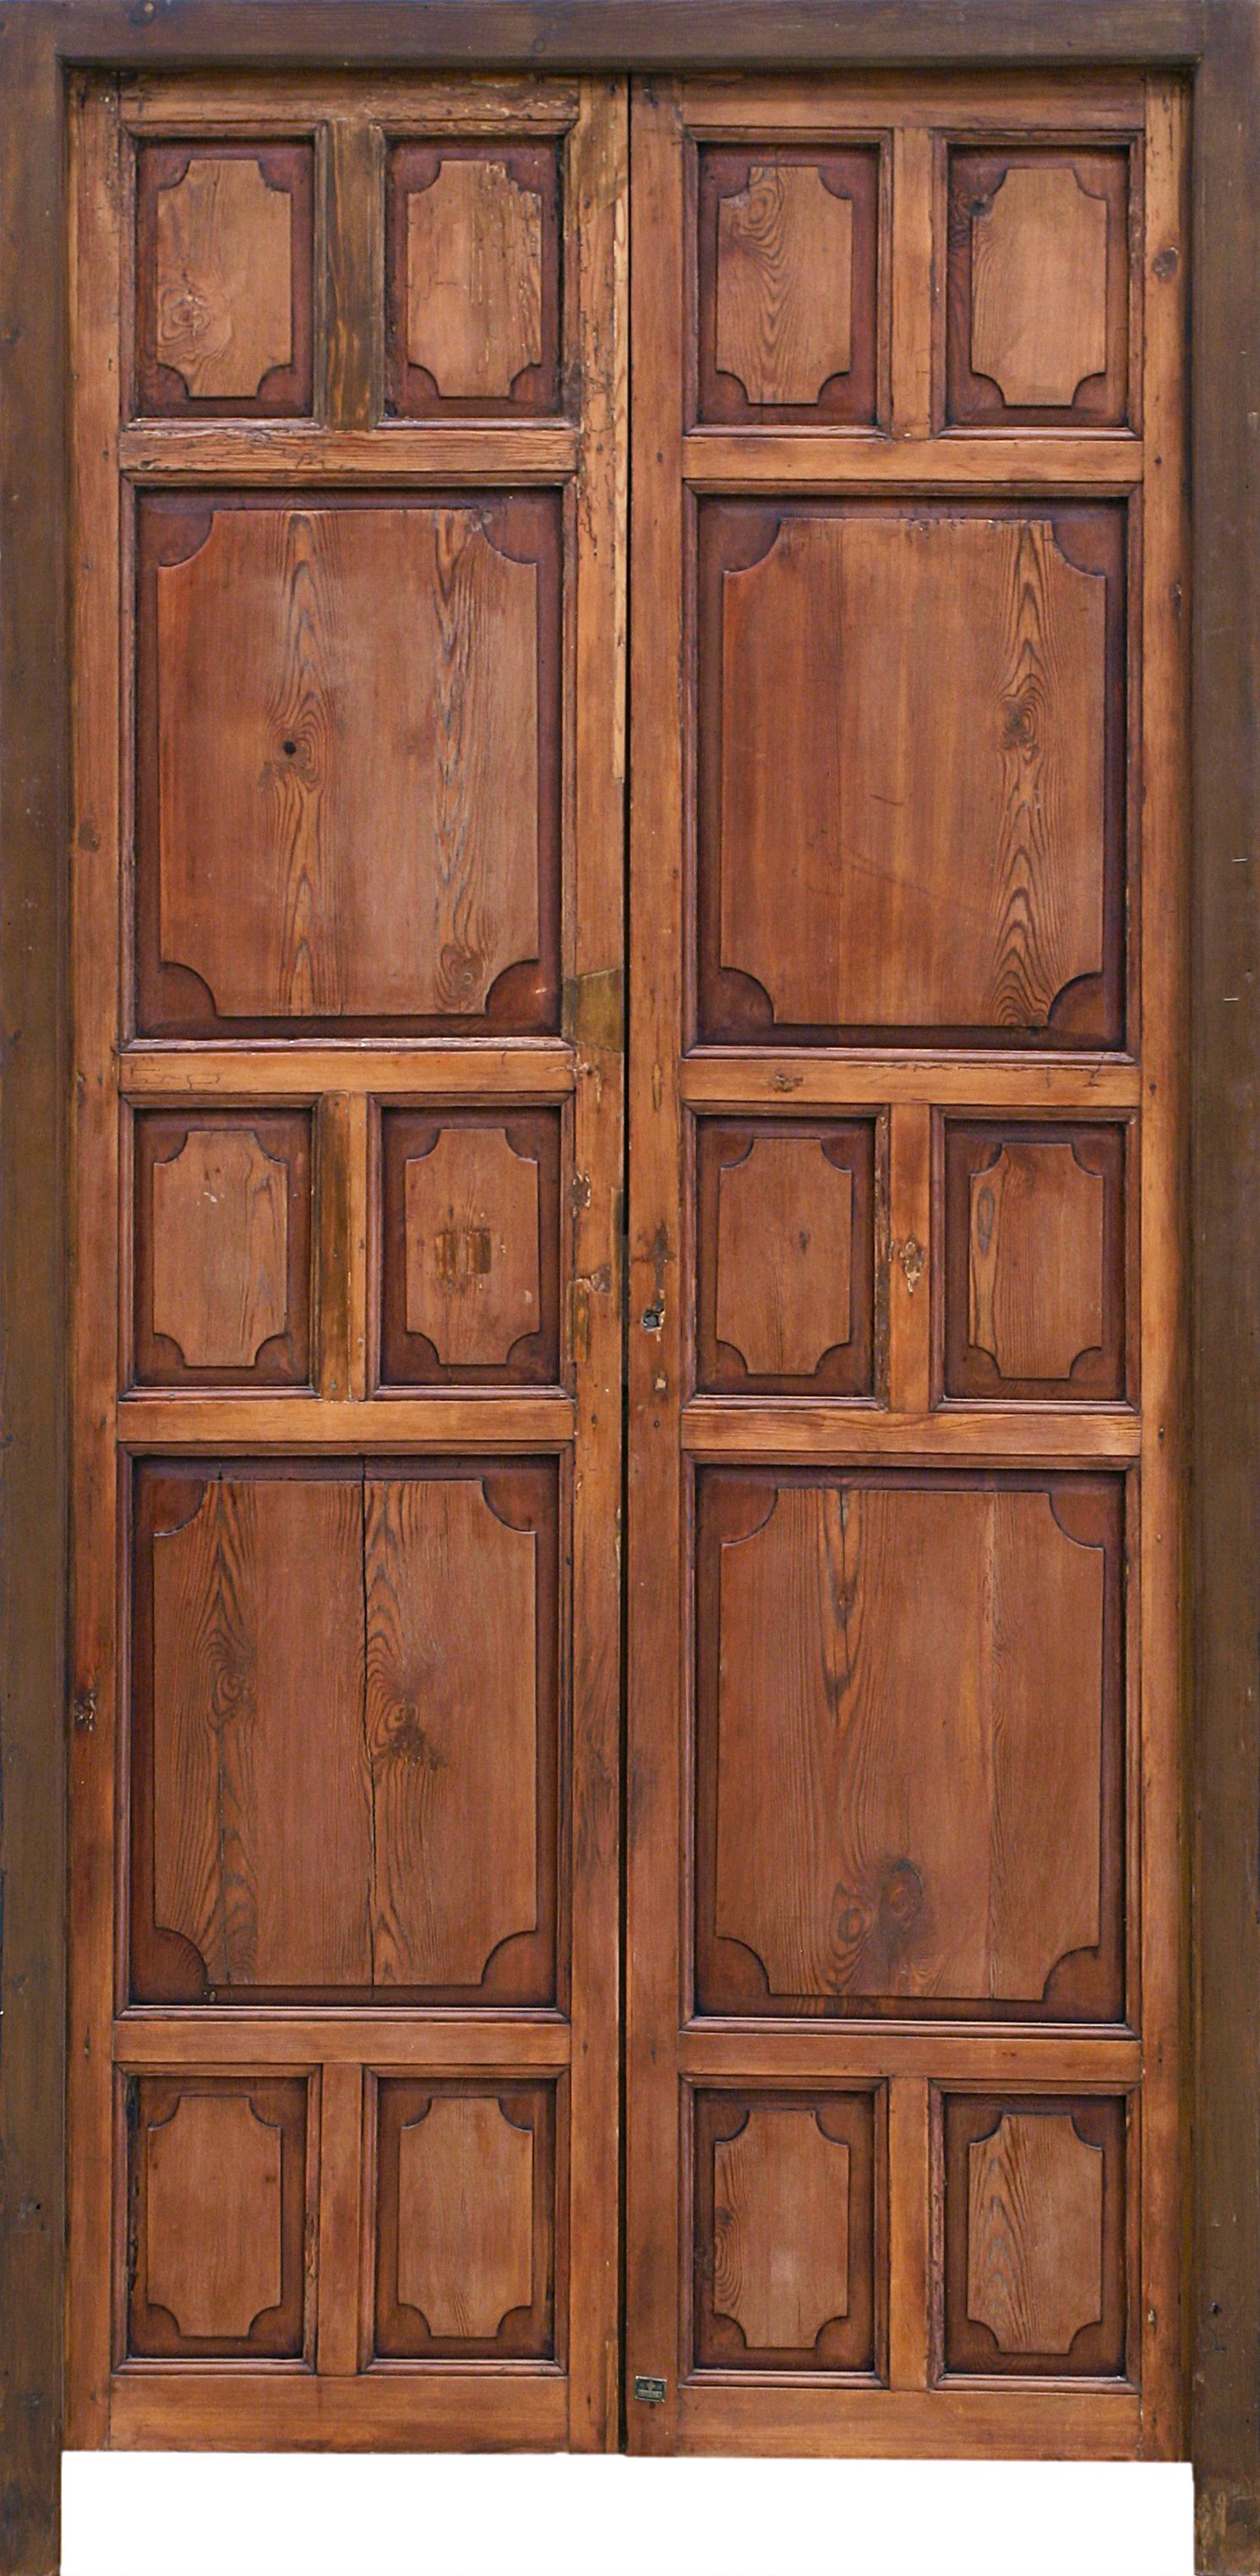 Puertas Antiguas Exterior E Interior En Madera 2020 Puertas De Madera Rusticas Madera Puertas De Madera